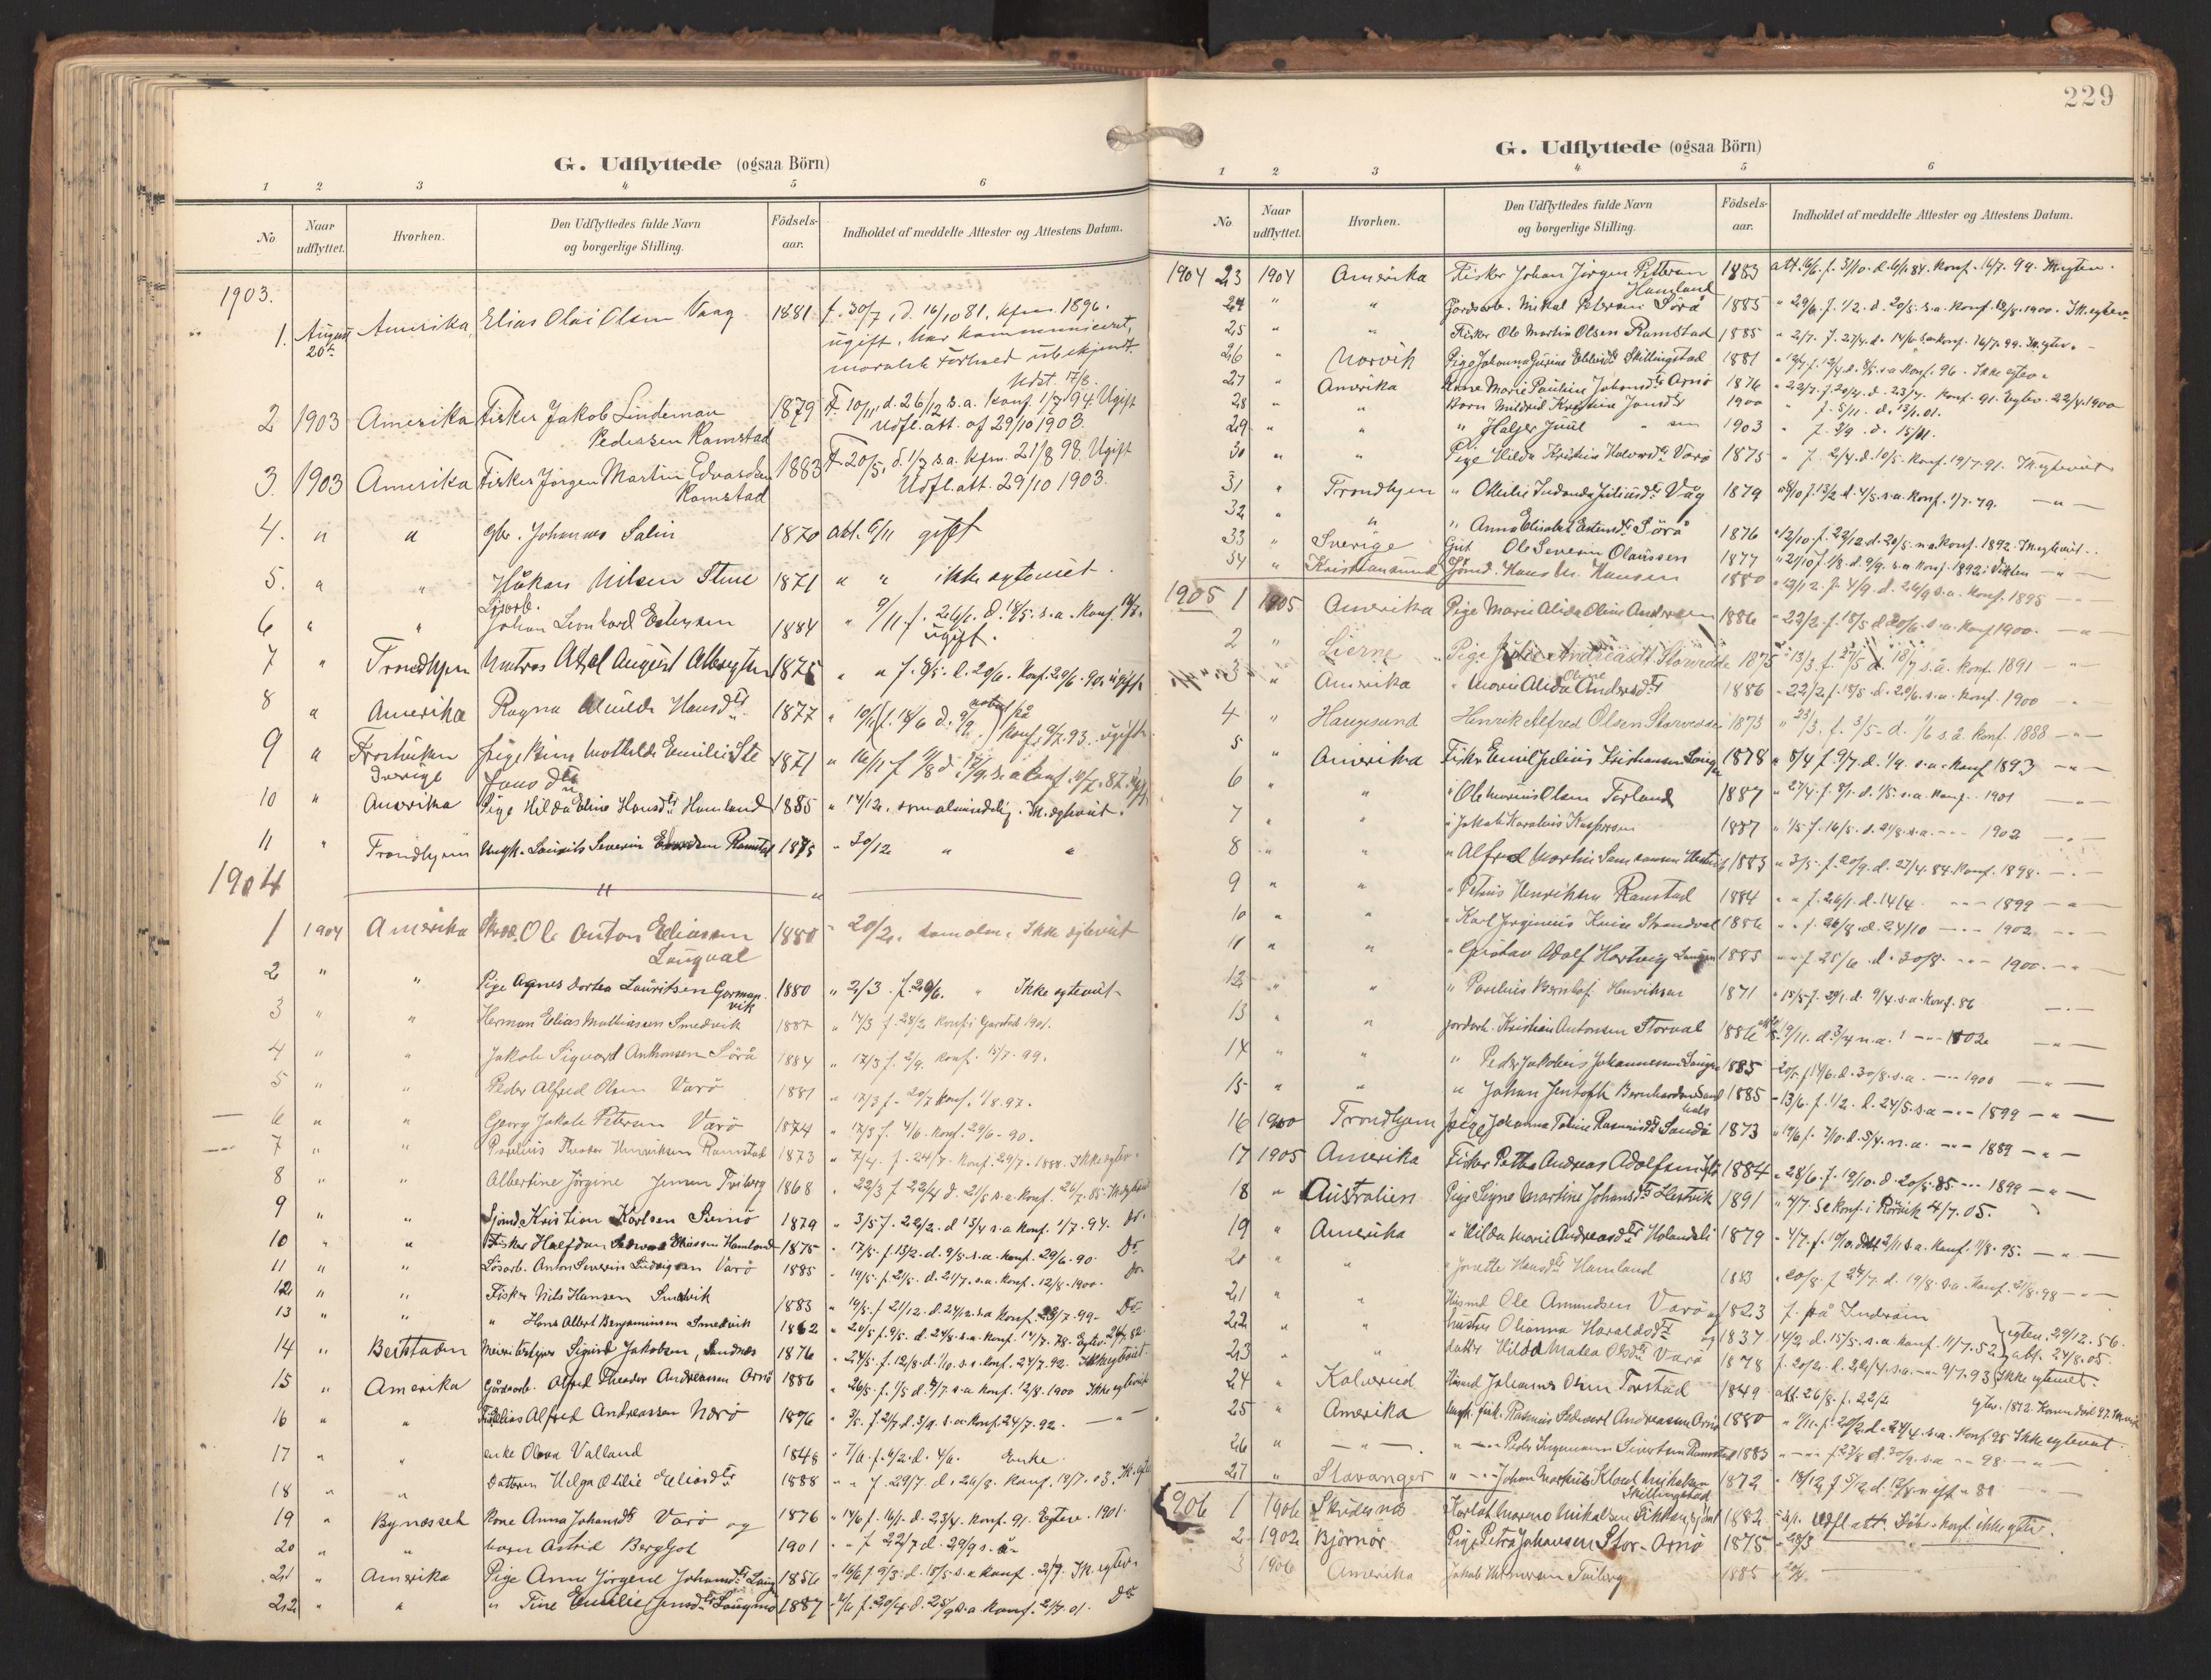 SAT, Ministerialprotokoller, klokkerbøker og fødselsregistre - Nord-Trøndelag, 784/L0677: Ministerialbok nr. 784A12, 1900-1920, s. 229